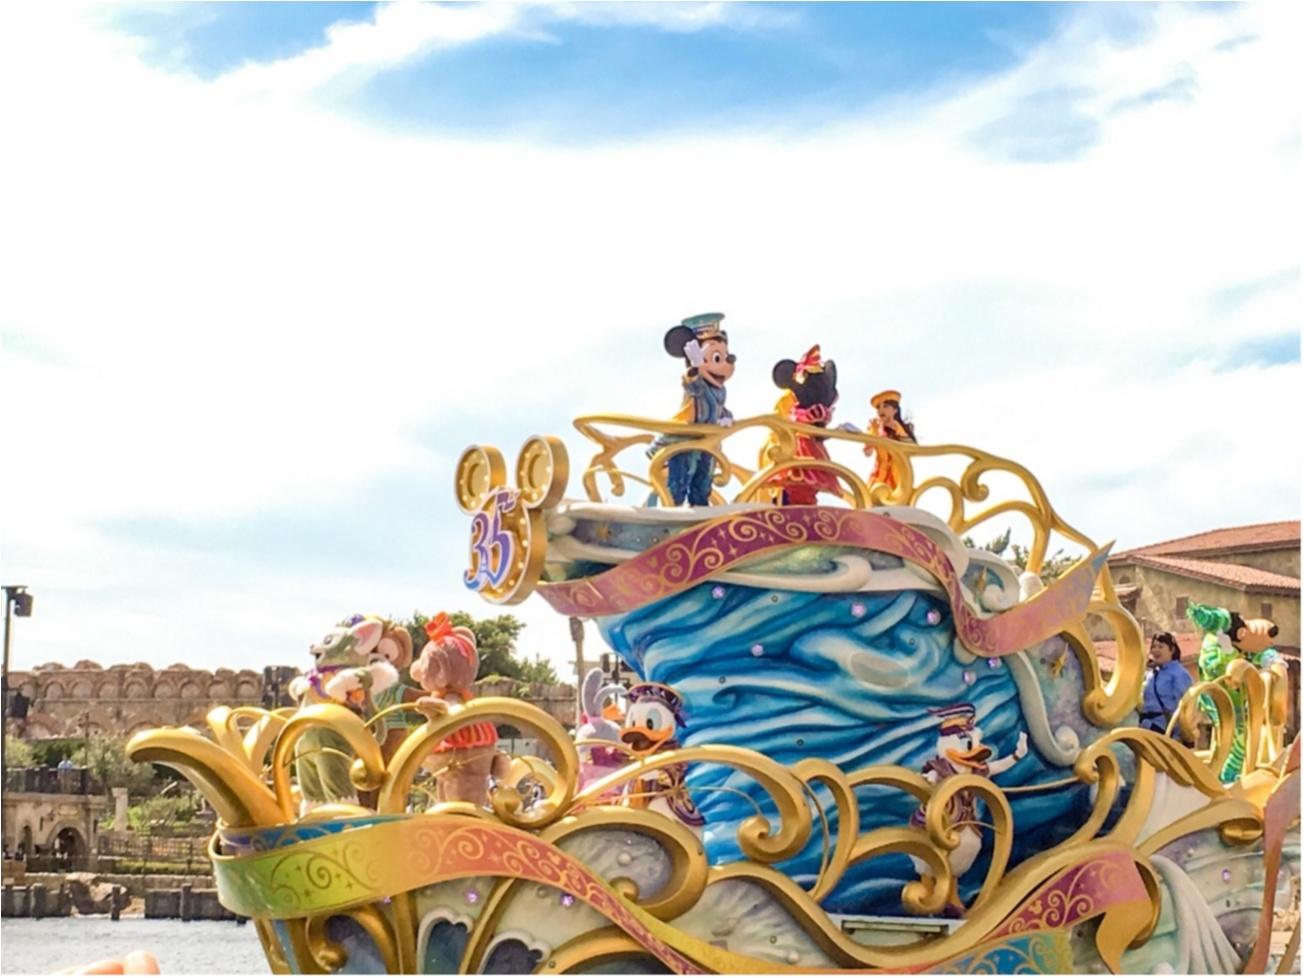 ディズニー,ディズニーランド,パレード,ミッキー,Happiest Celebration,35周年